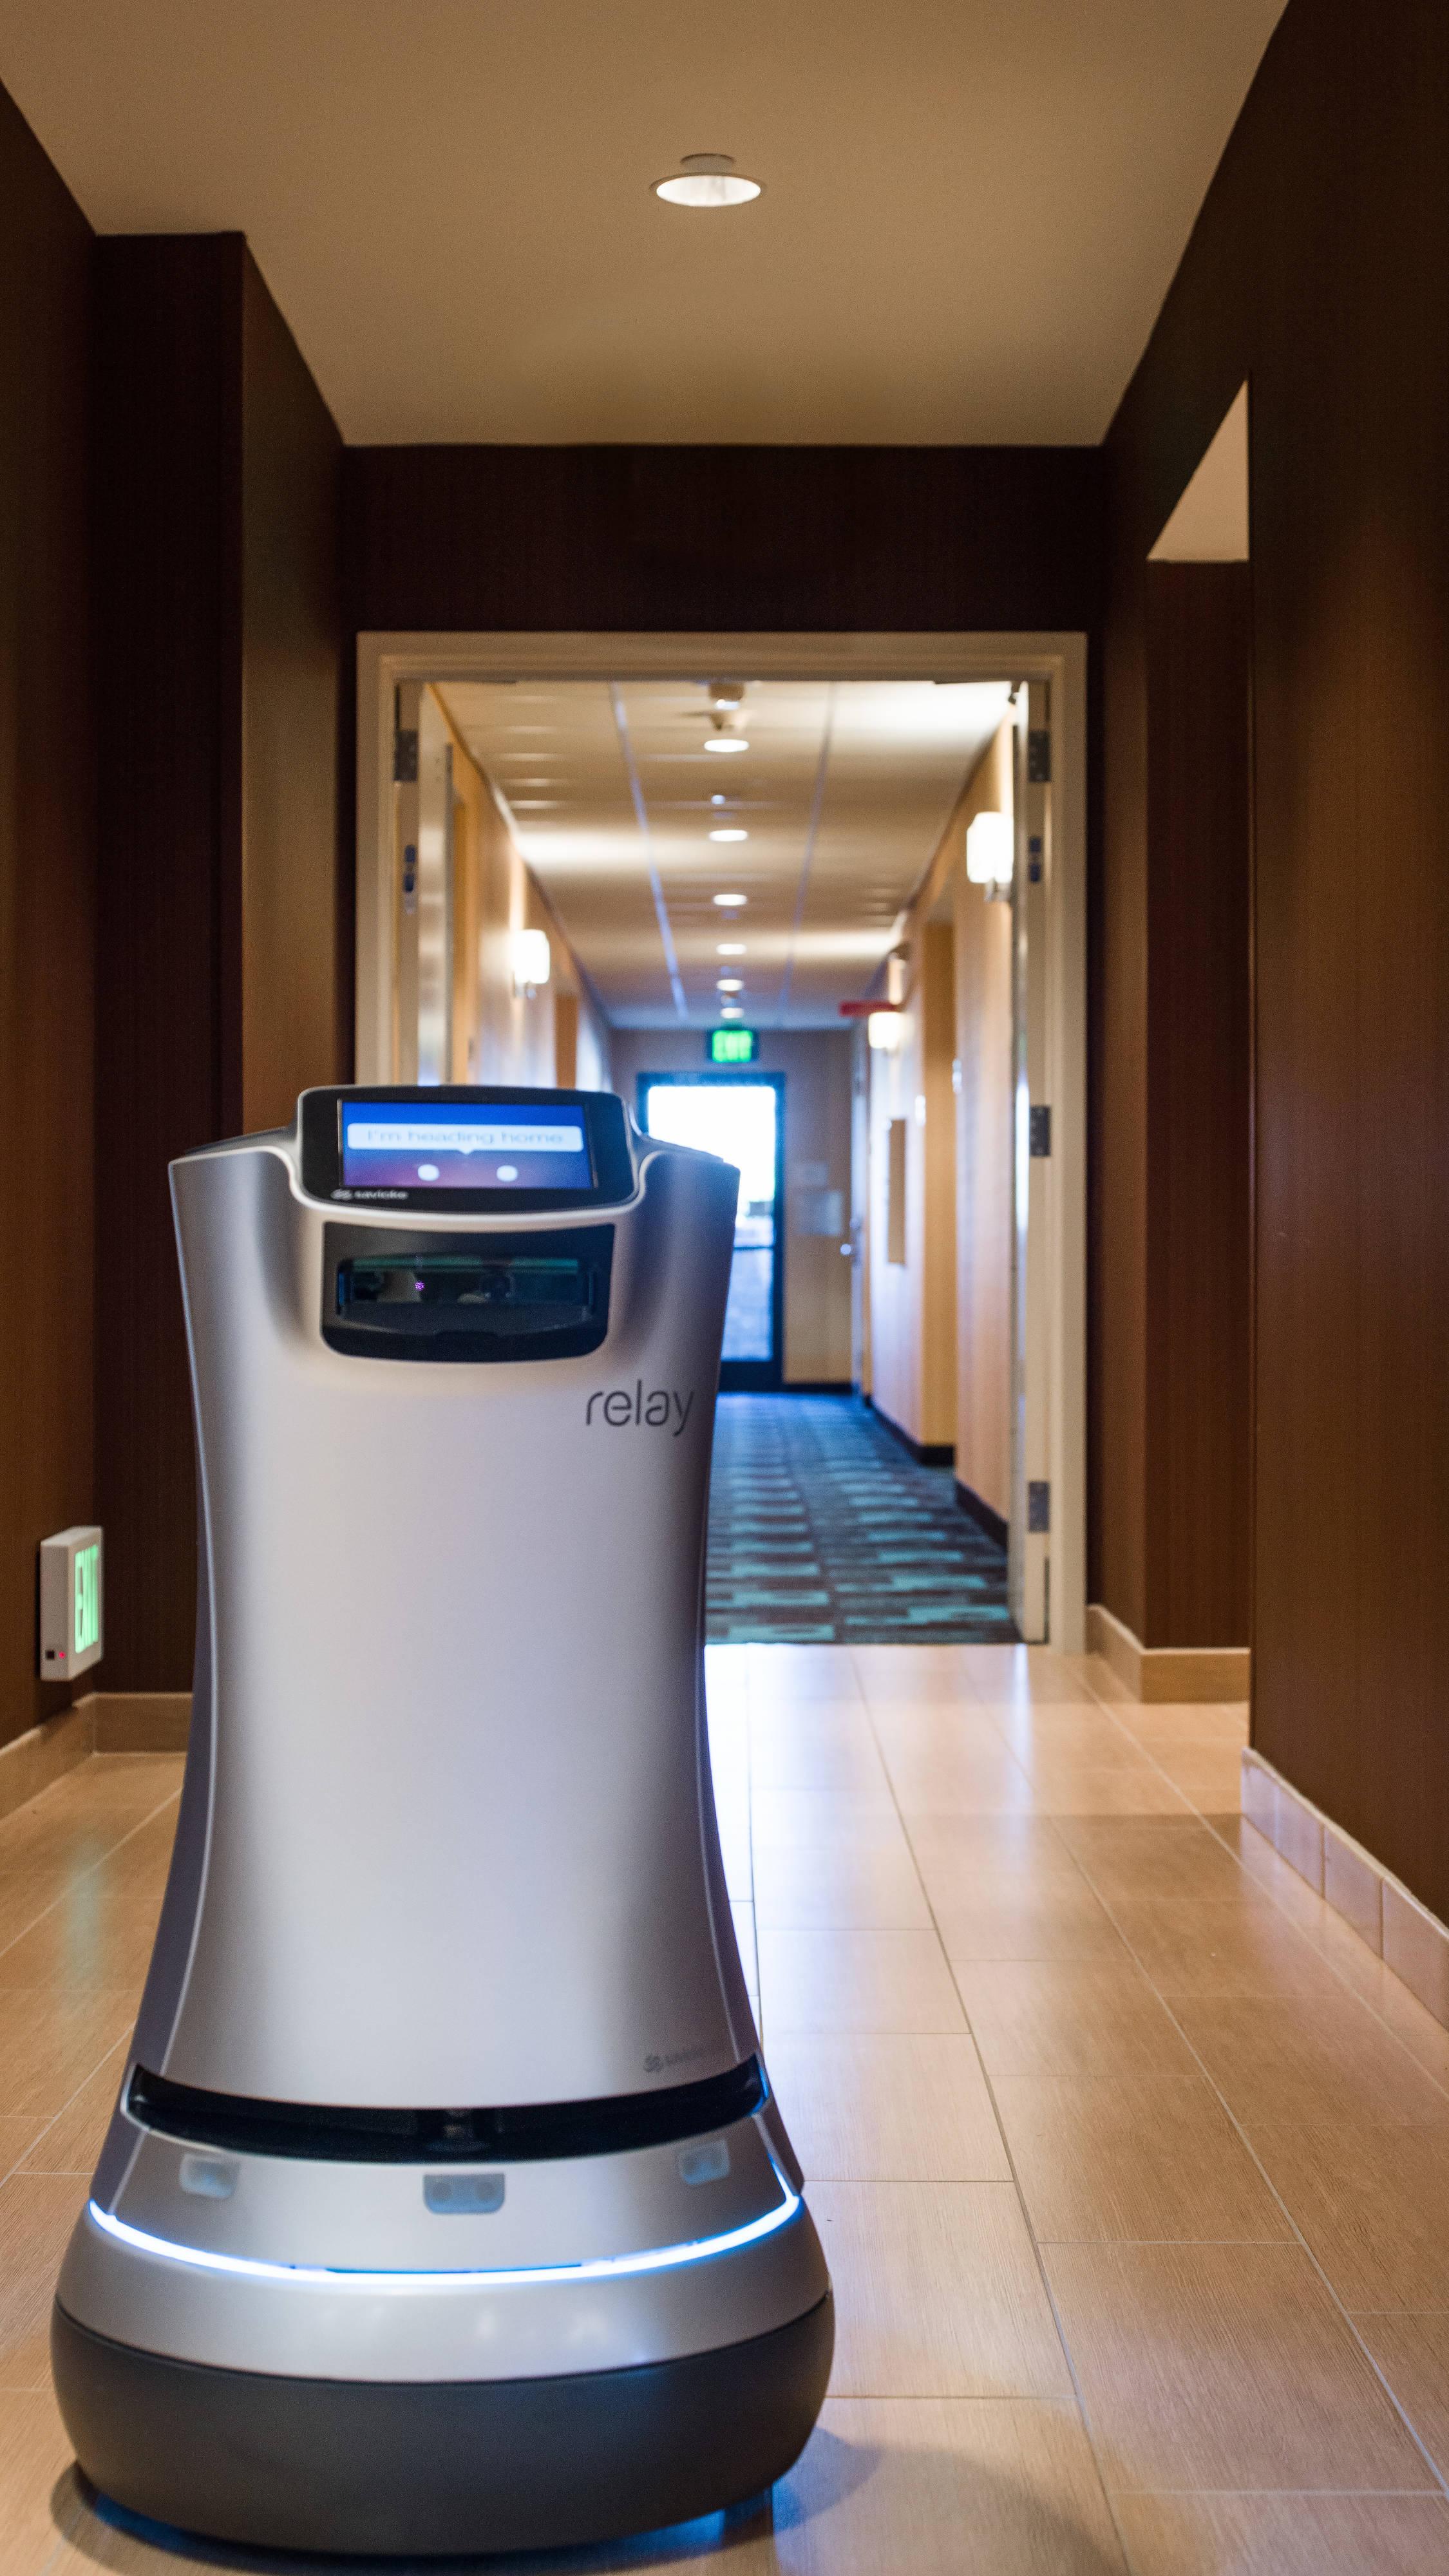 sanes-robot-0011-ver-wide.jpg